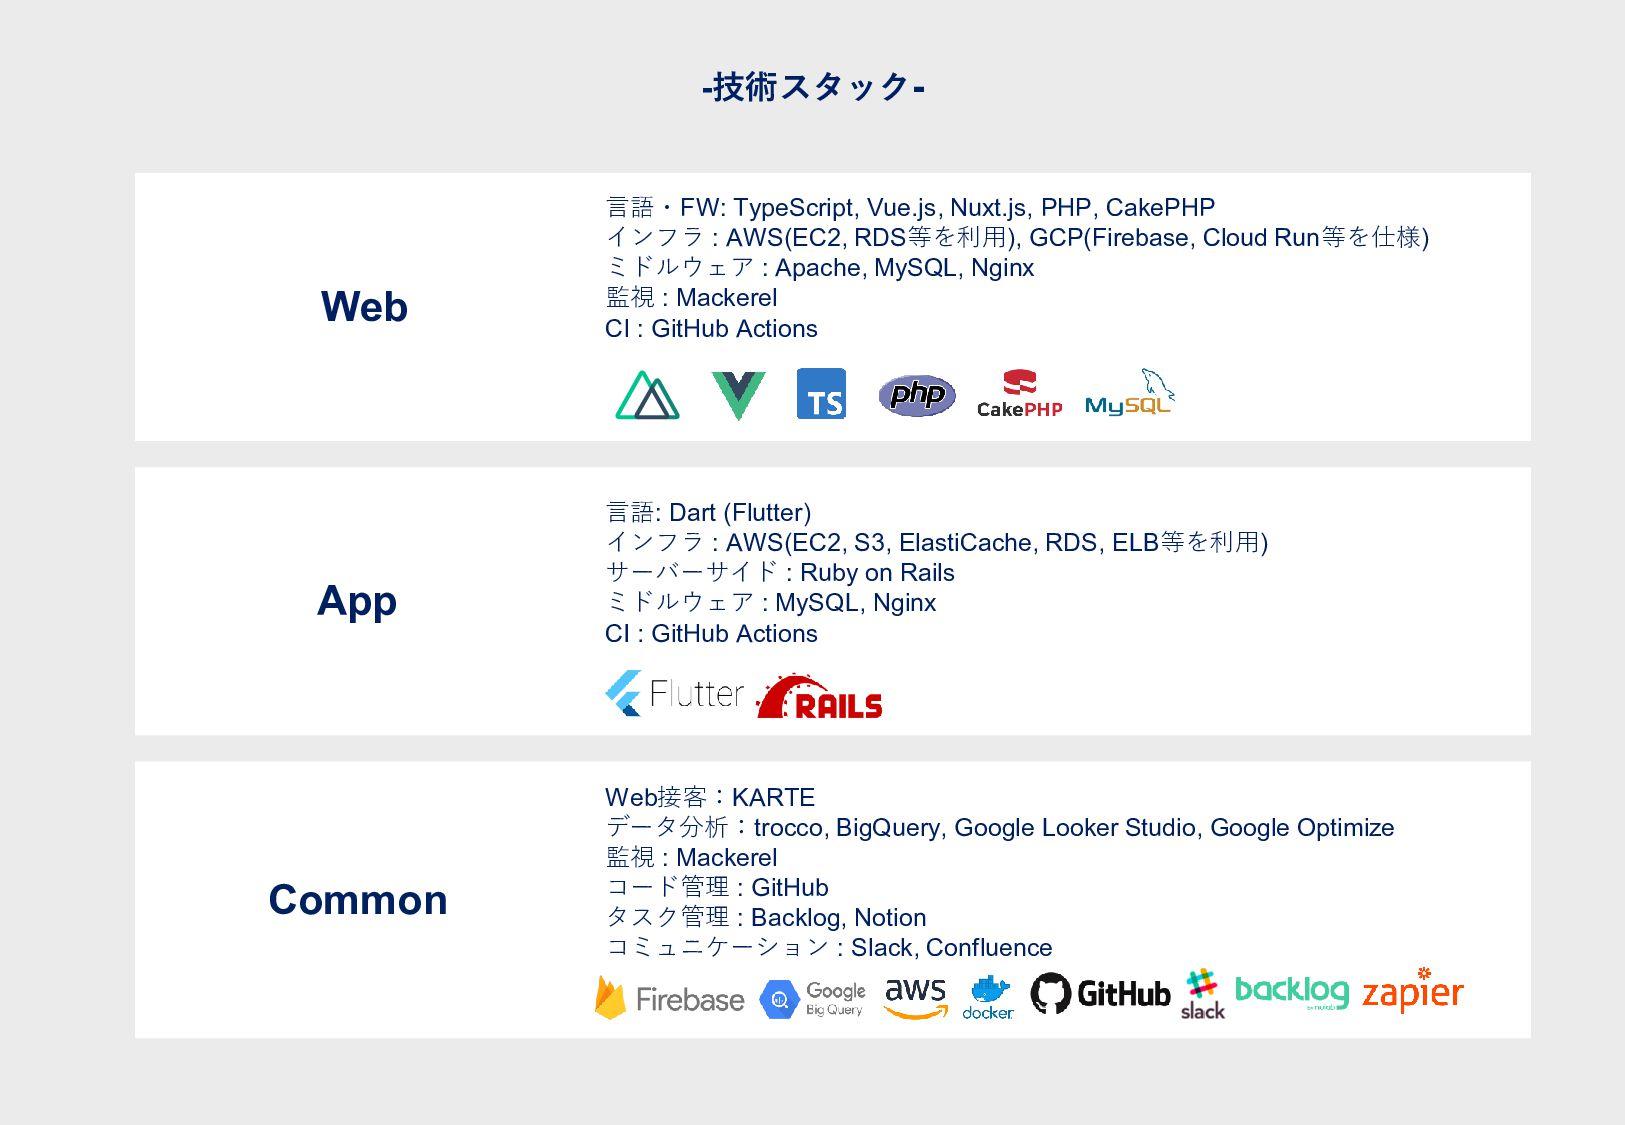 Common - 技 術 ス タ ッ ク - Web接客:KARTE データ分析:trocco...